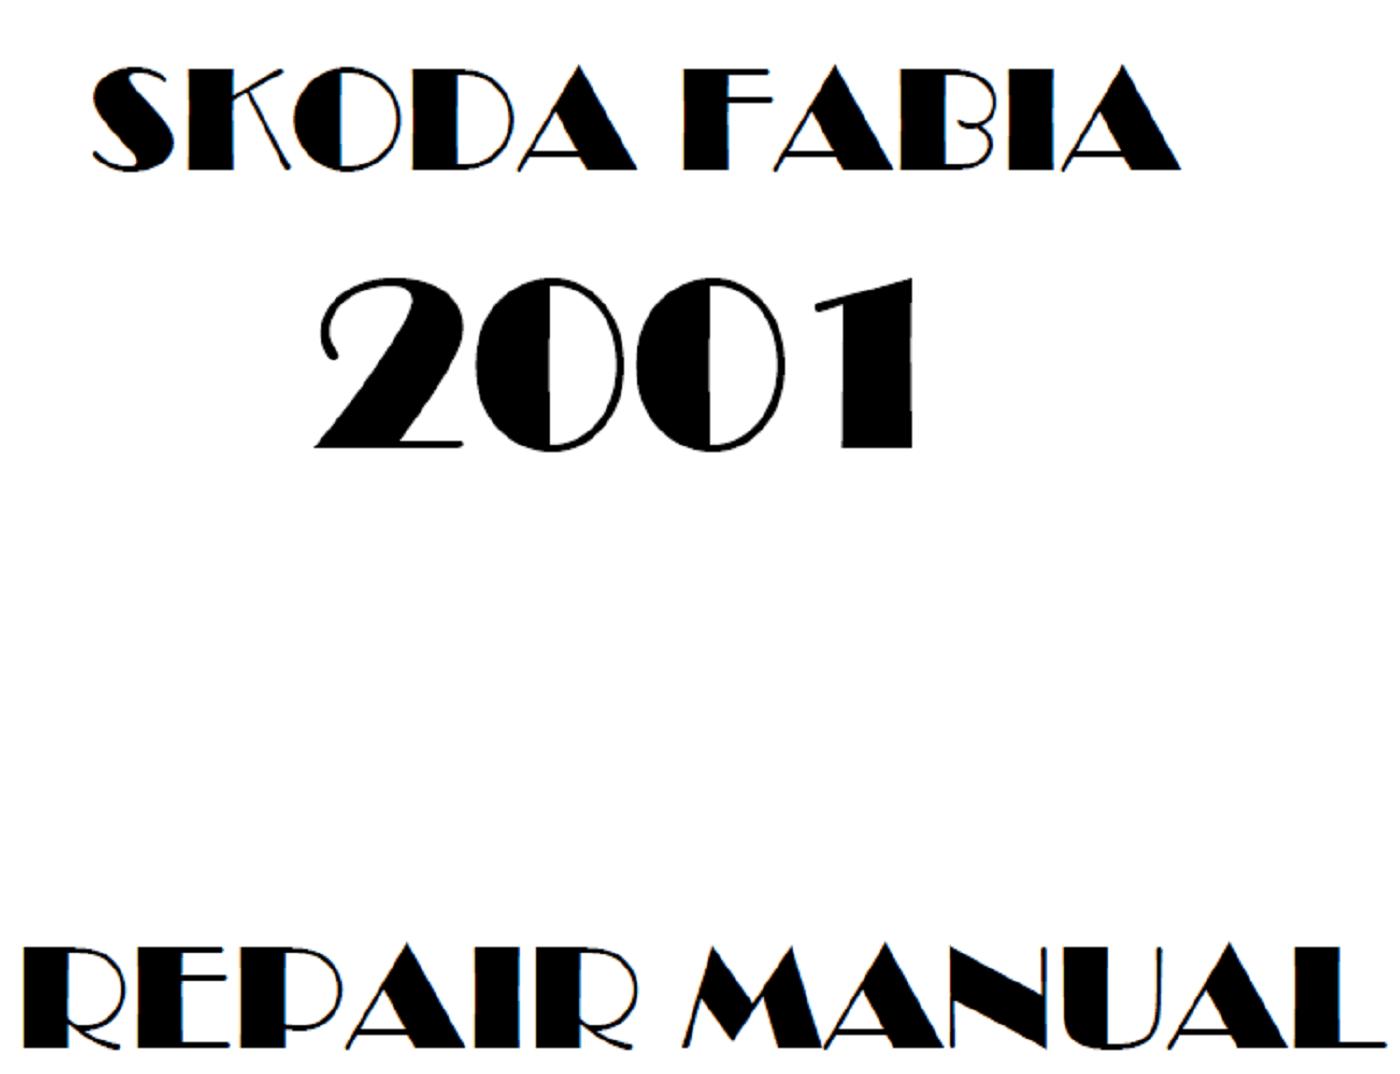 2001 Skoda Fabia repair manual